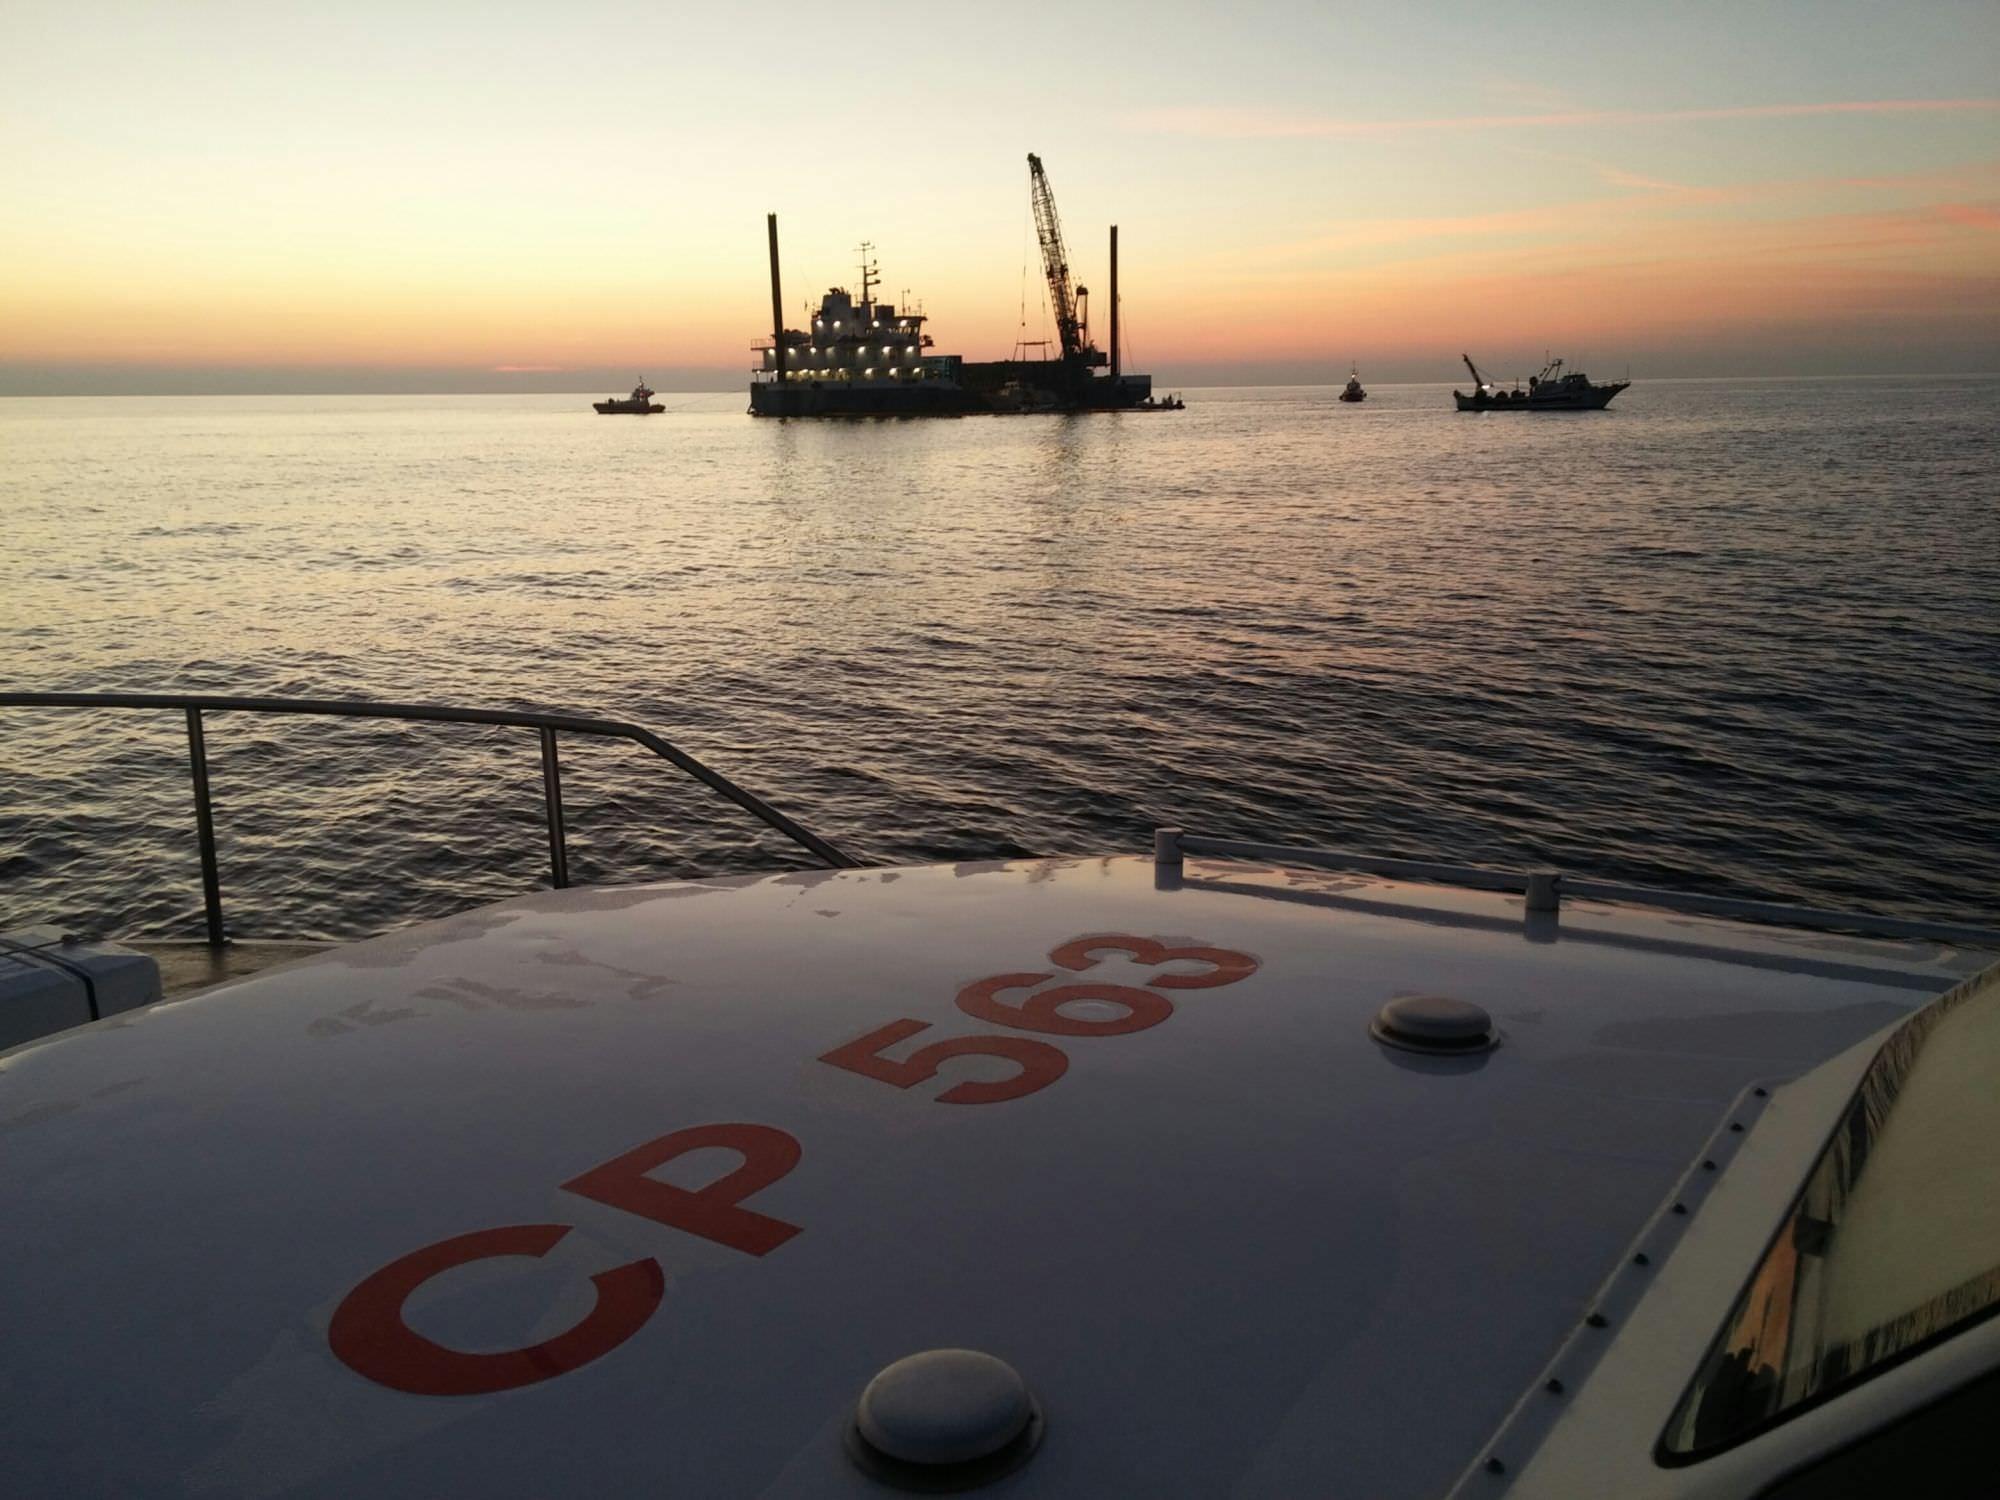 Tornato in porto nella mattinata il peschereccio affondato a Viareggio